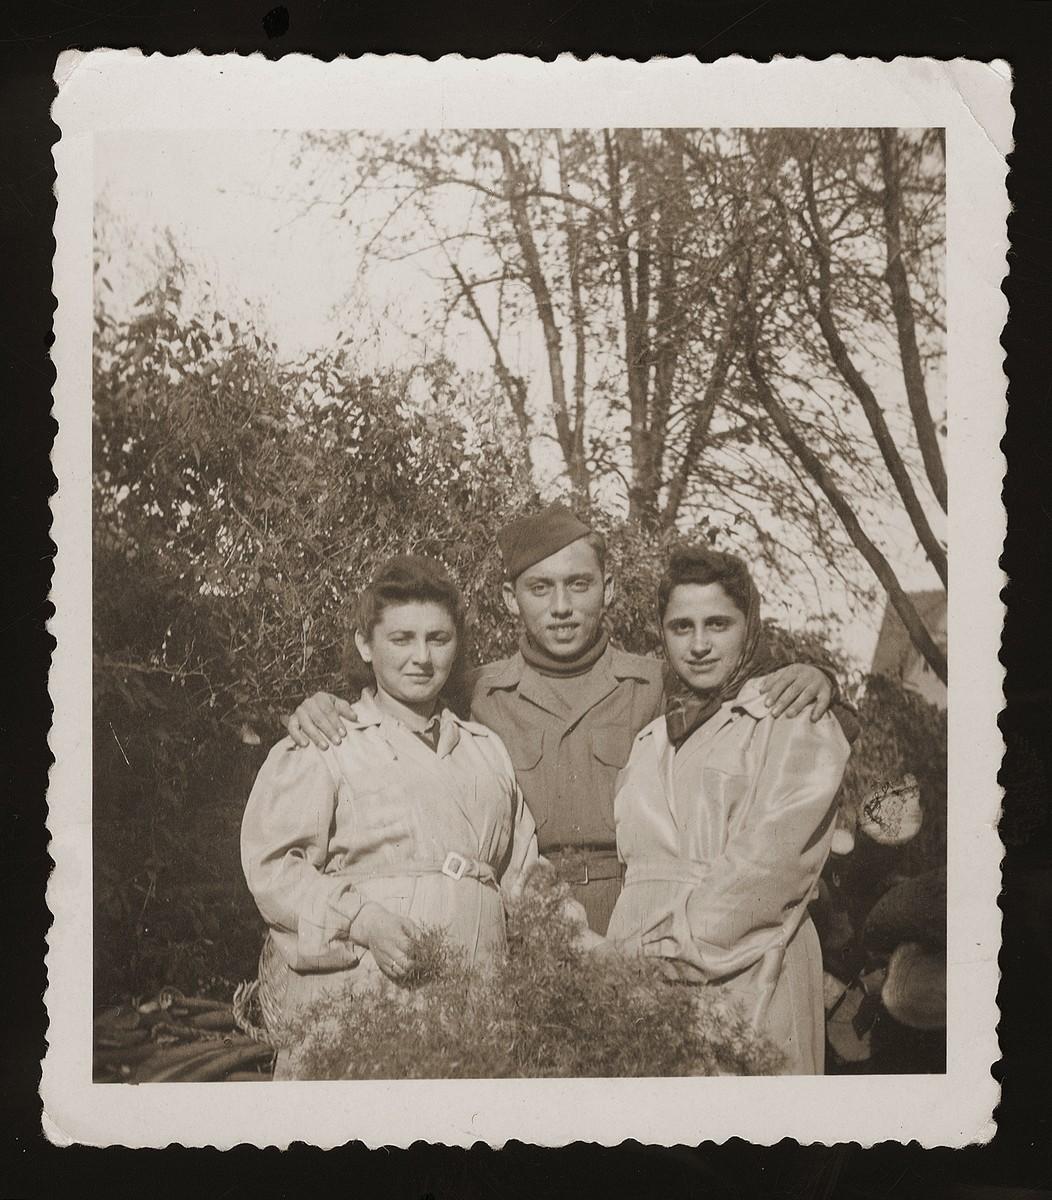 Three friends of the donor from Dabrowa pose in Zeilsheim DP camp.  From left: Hanka Wajntraub; Karol Chrzanowski and Edzia Obornik.